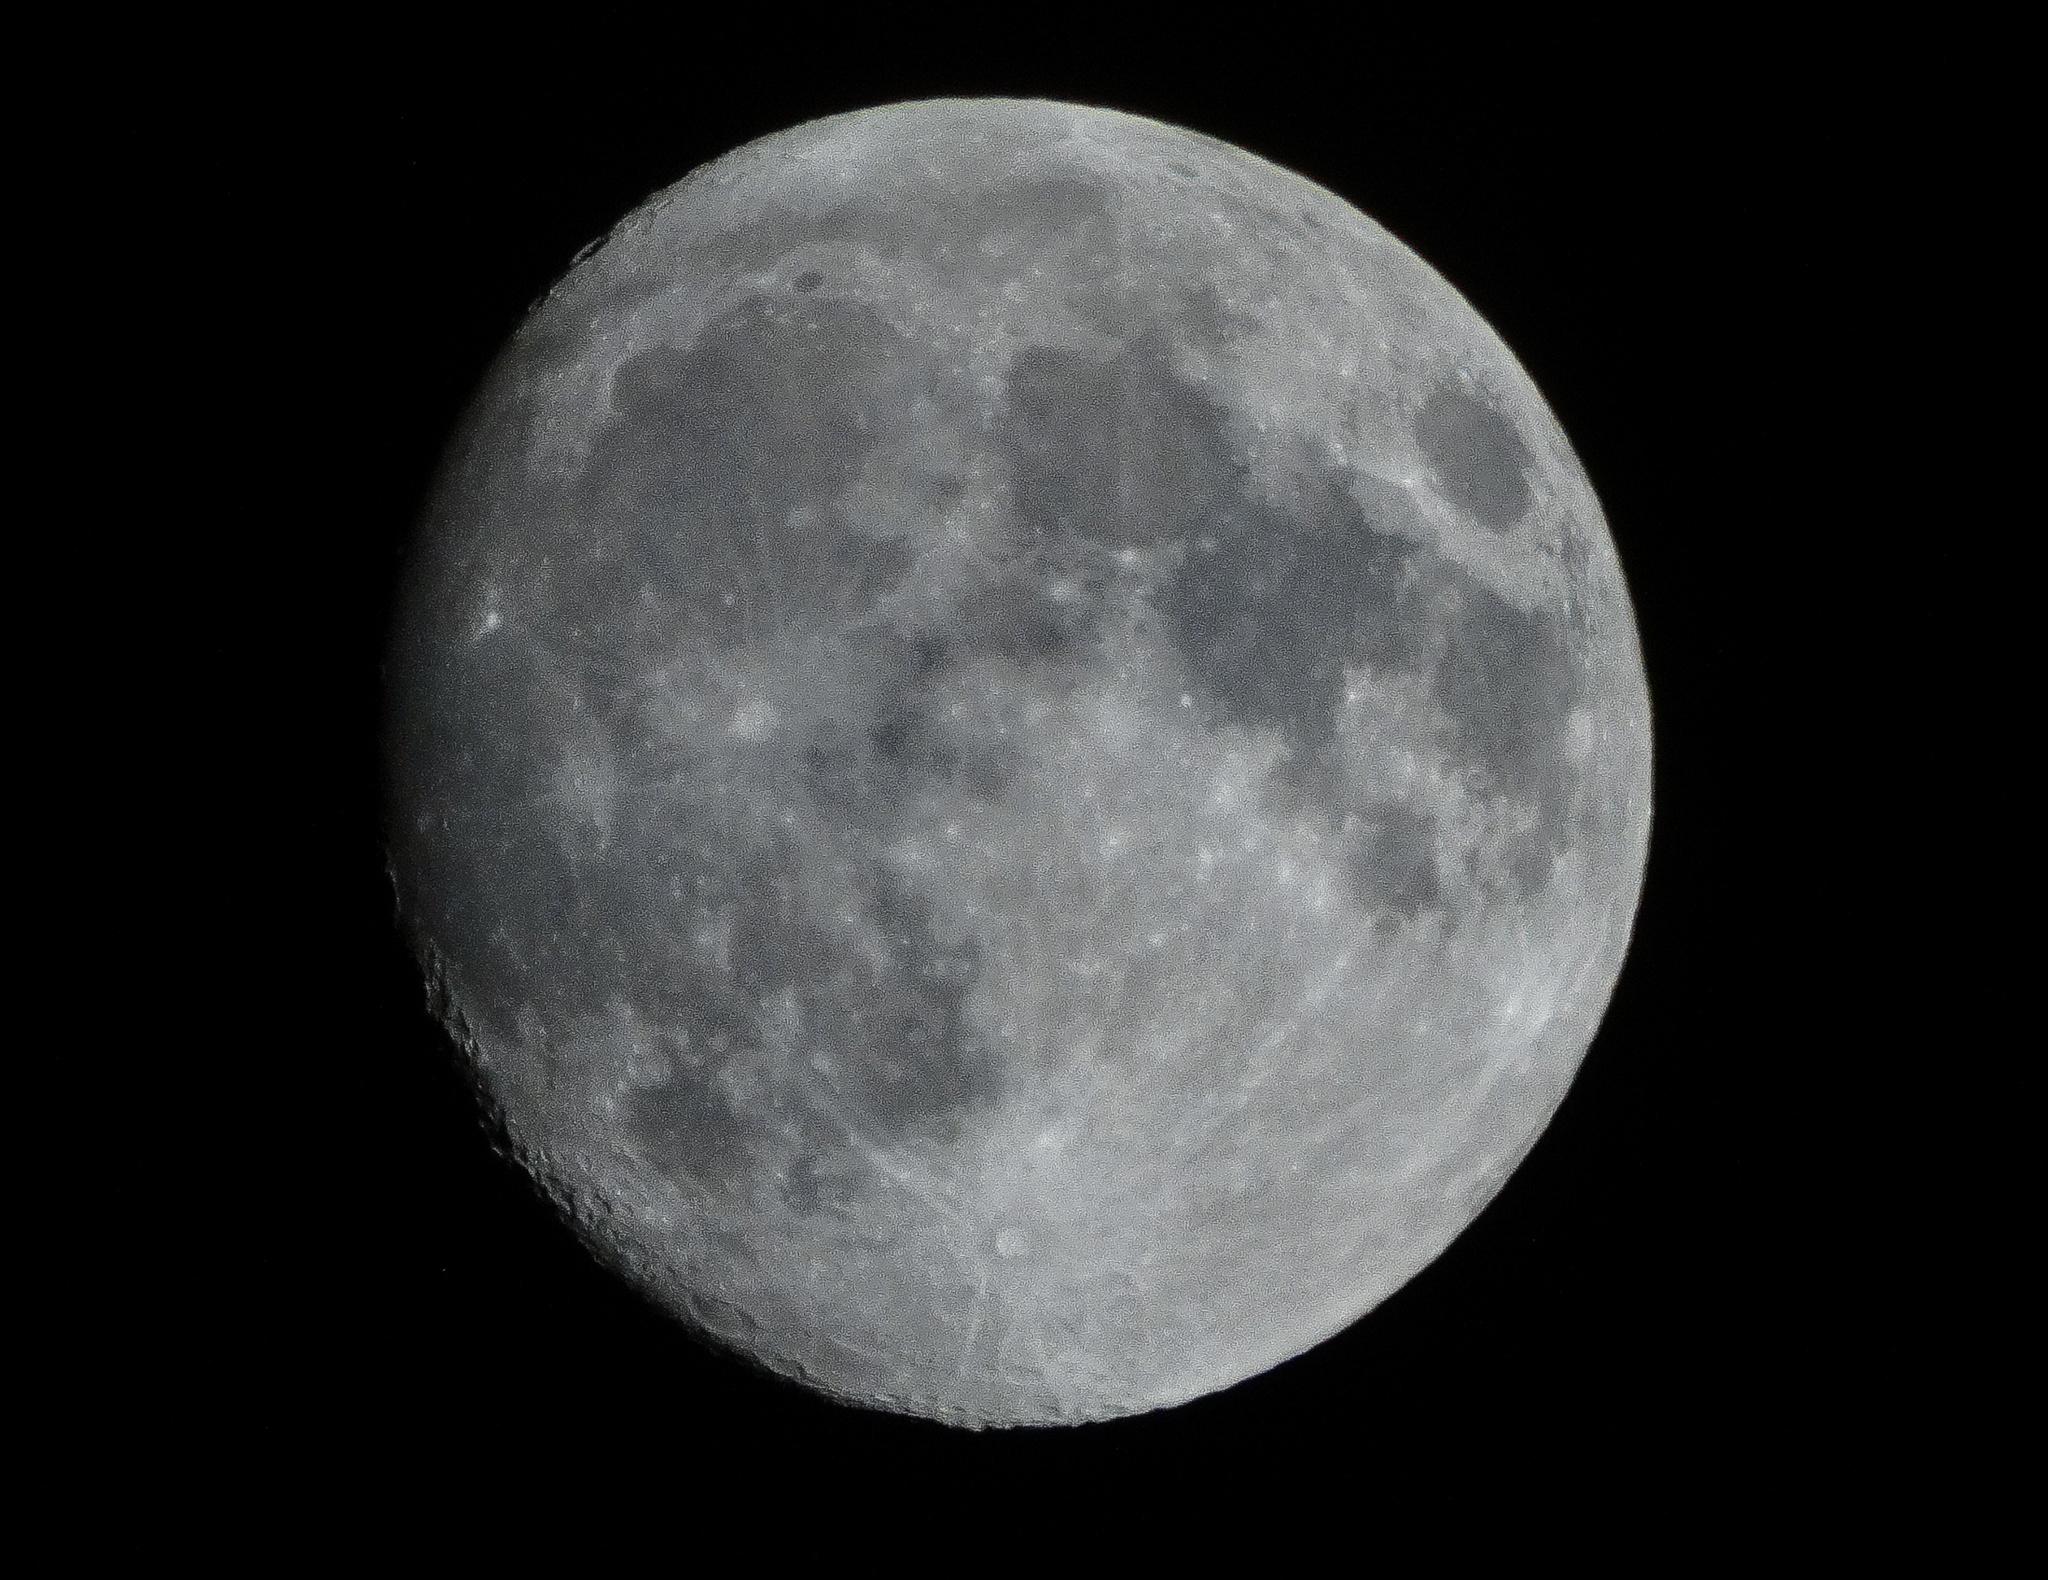 Almost full moon by Bogdan Birleanu